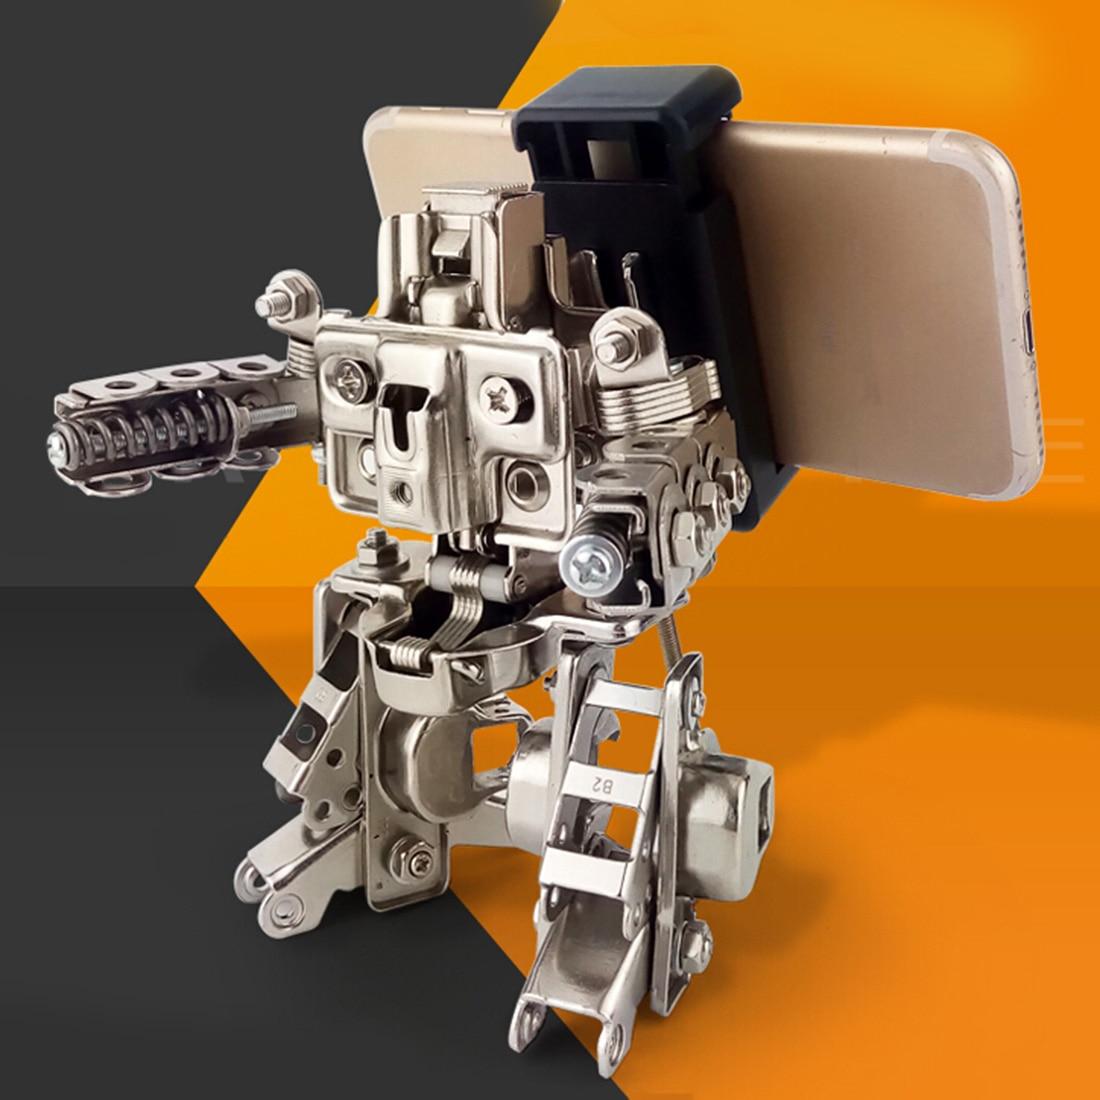 Ataque Figura Juguete Robot Móvil Gran Lucha Montaje Metal 12 Teléfono Mecha Cm Modelo Altura Diy 5Rq4j3AL